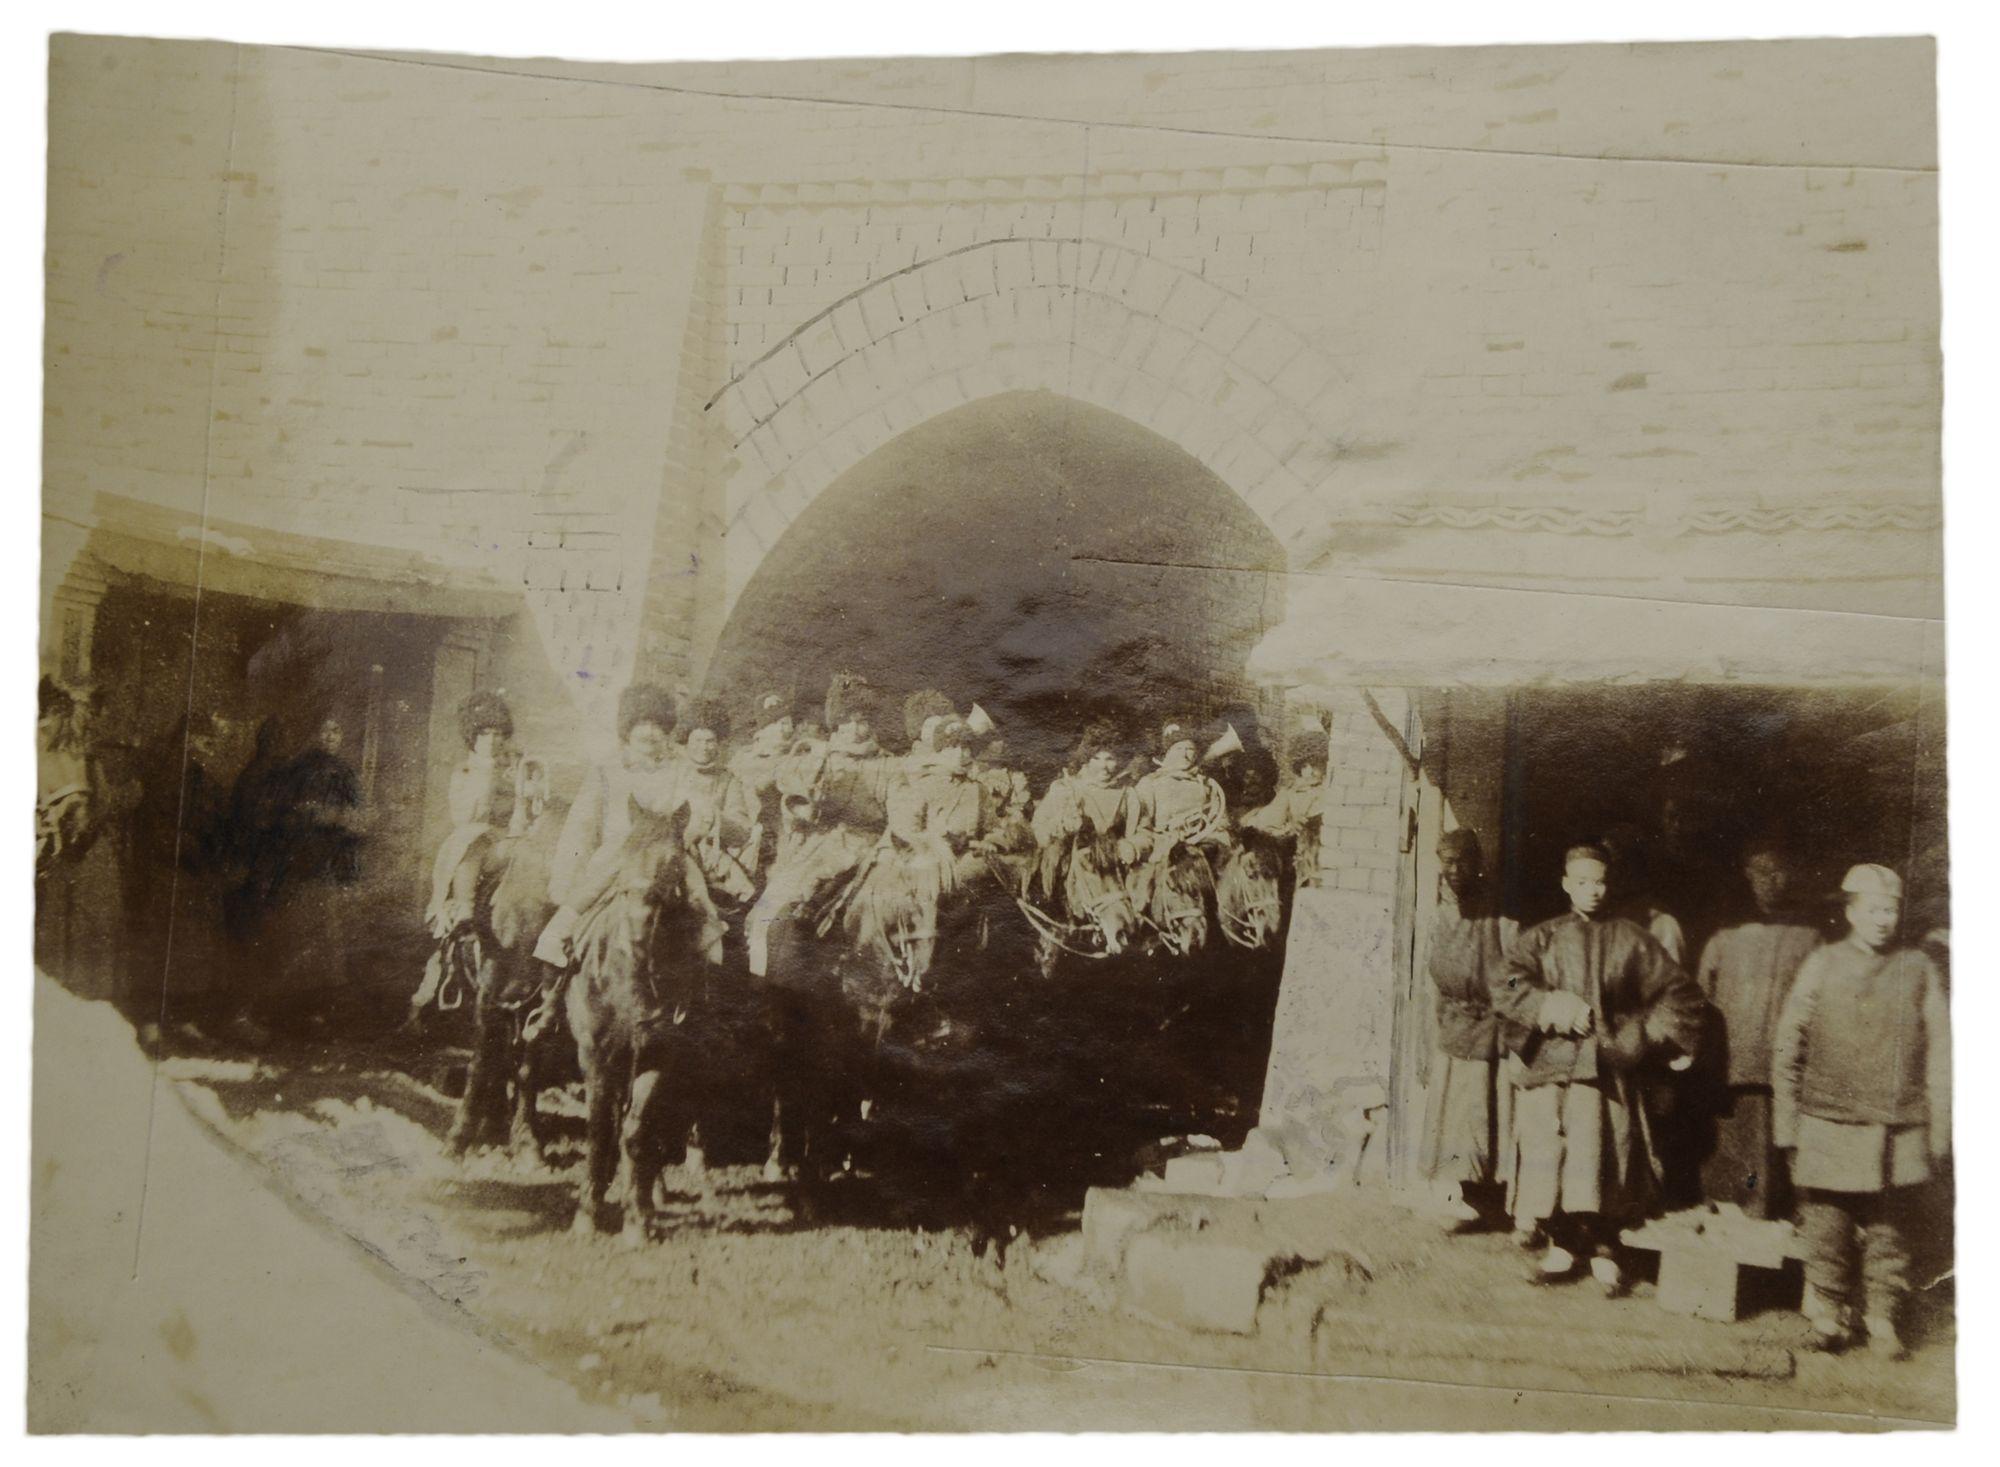 Фото оркестра казачьей бригады, вступающей в город Ляоань 18 апреля 1904